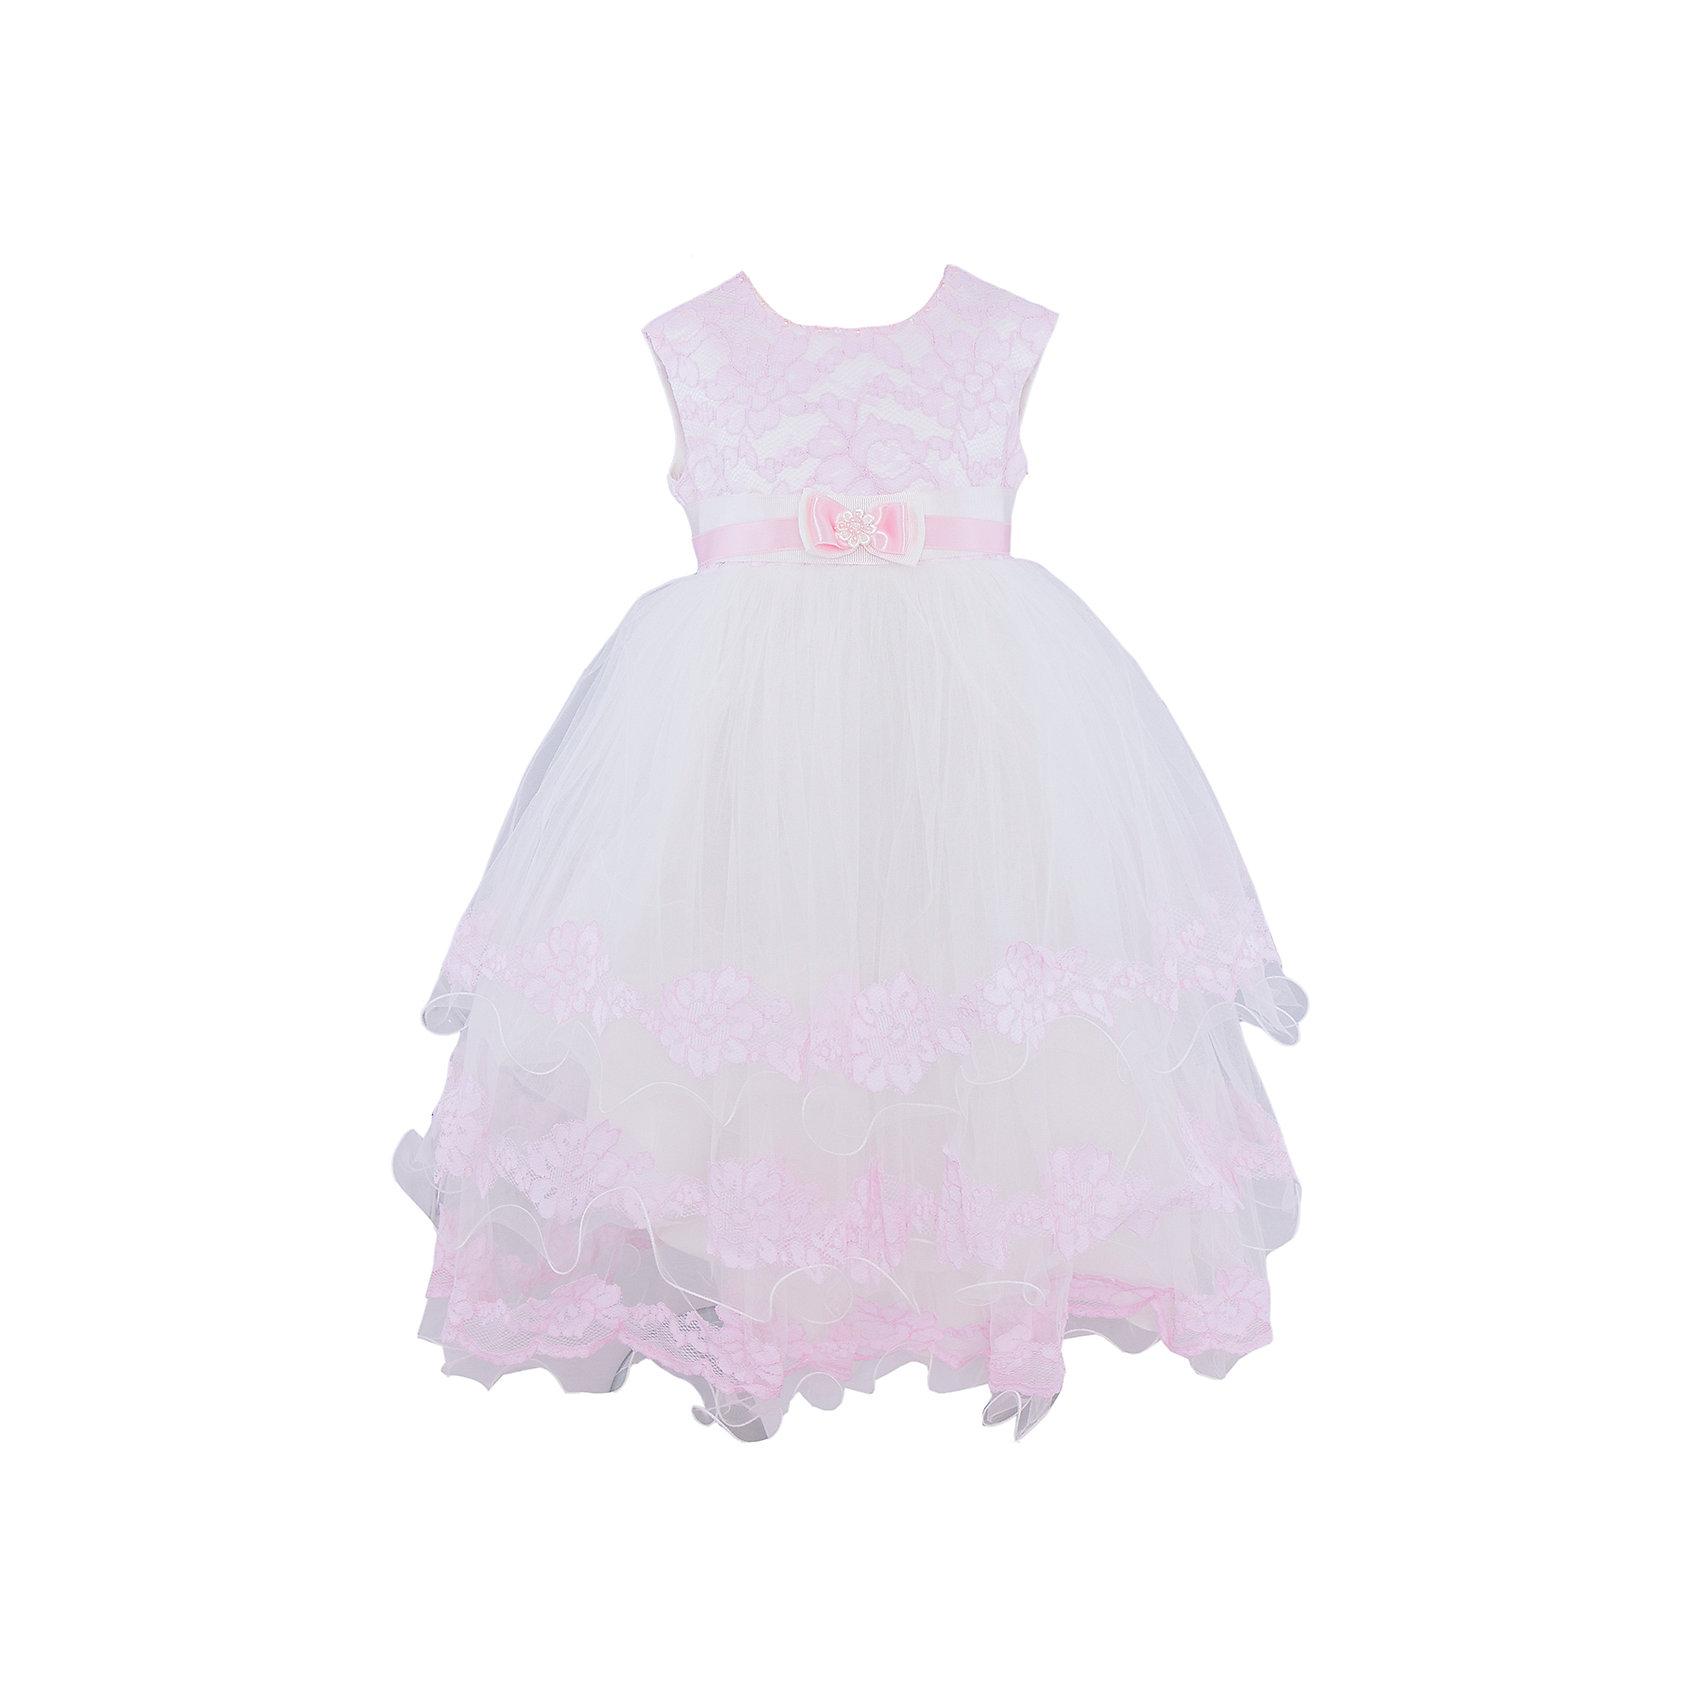 Платье нарядное ПрестижПлатье для девочки Престиж.<br><br>Характеристики:<br><br>• пышный силуэт<br>• длинное<br>• без рукавов<br>• цвет: розовый<br>• состав: 100% полиэстер<br><br>Очаровательное платье Престиж сделает из девочки настоящую принцессу. Длинное пышное платье декорировано вышивкой по лифу и краям подола. Пояс украшает декоративный атласный бантик.  Модель застегивается сзади.<br><br>Платье регулируется шнуровкой сзади, от талии до верха спинки. Шнуровка в комплекте.<br>Платье подходит для занятий бальными танцами.<br><br>Платье для девочки Престиж можно купить в нашем интернет-магазине.<br><br>Ширина мм: 236<br>Глубина мм: 16<br>Высота мм: 184<br>Вес г: 177<br>Цвет: розовый<br>Возраст от месяцев: 72<br>Возраст до месяцев: 84<br>Пол: Женский<br>Возраст: Детский<br>Размер: 116<br>SKU: 5158308